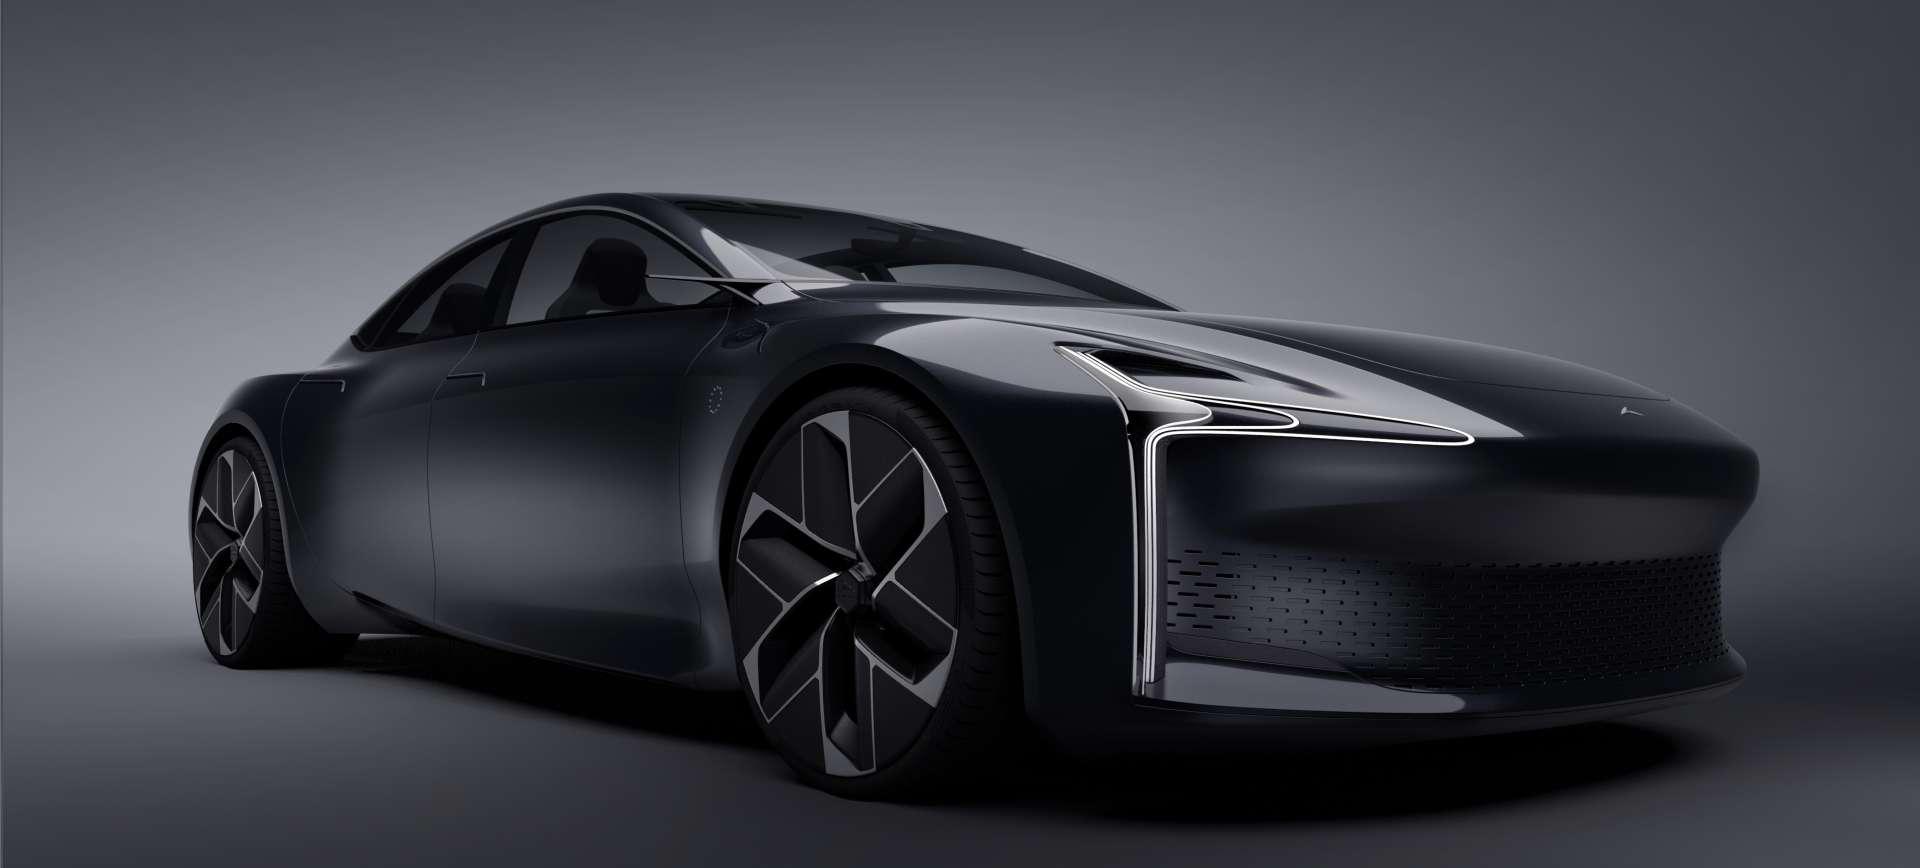 La Hopium Machina sera dévoilée sous forme de prototype l'année prochaine. © Hopium